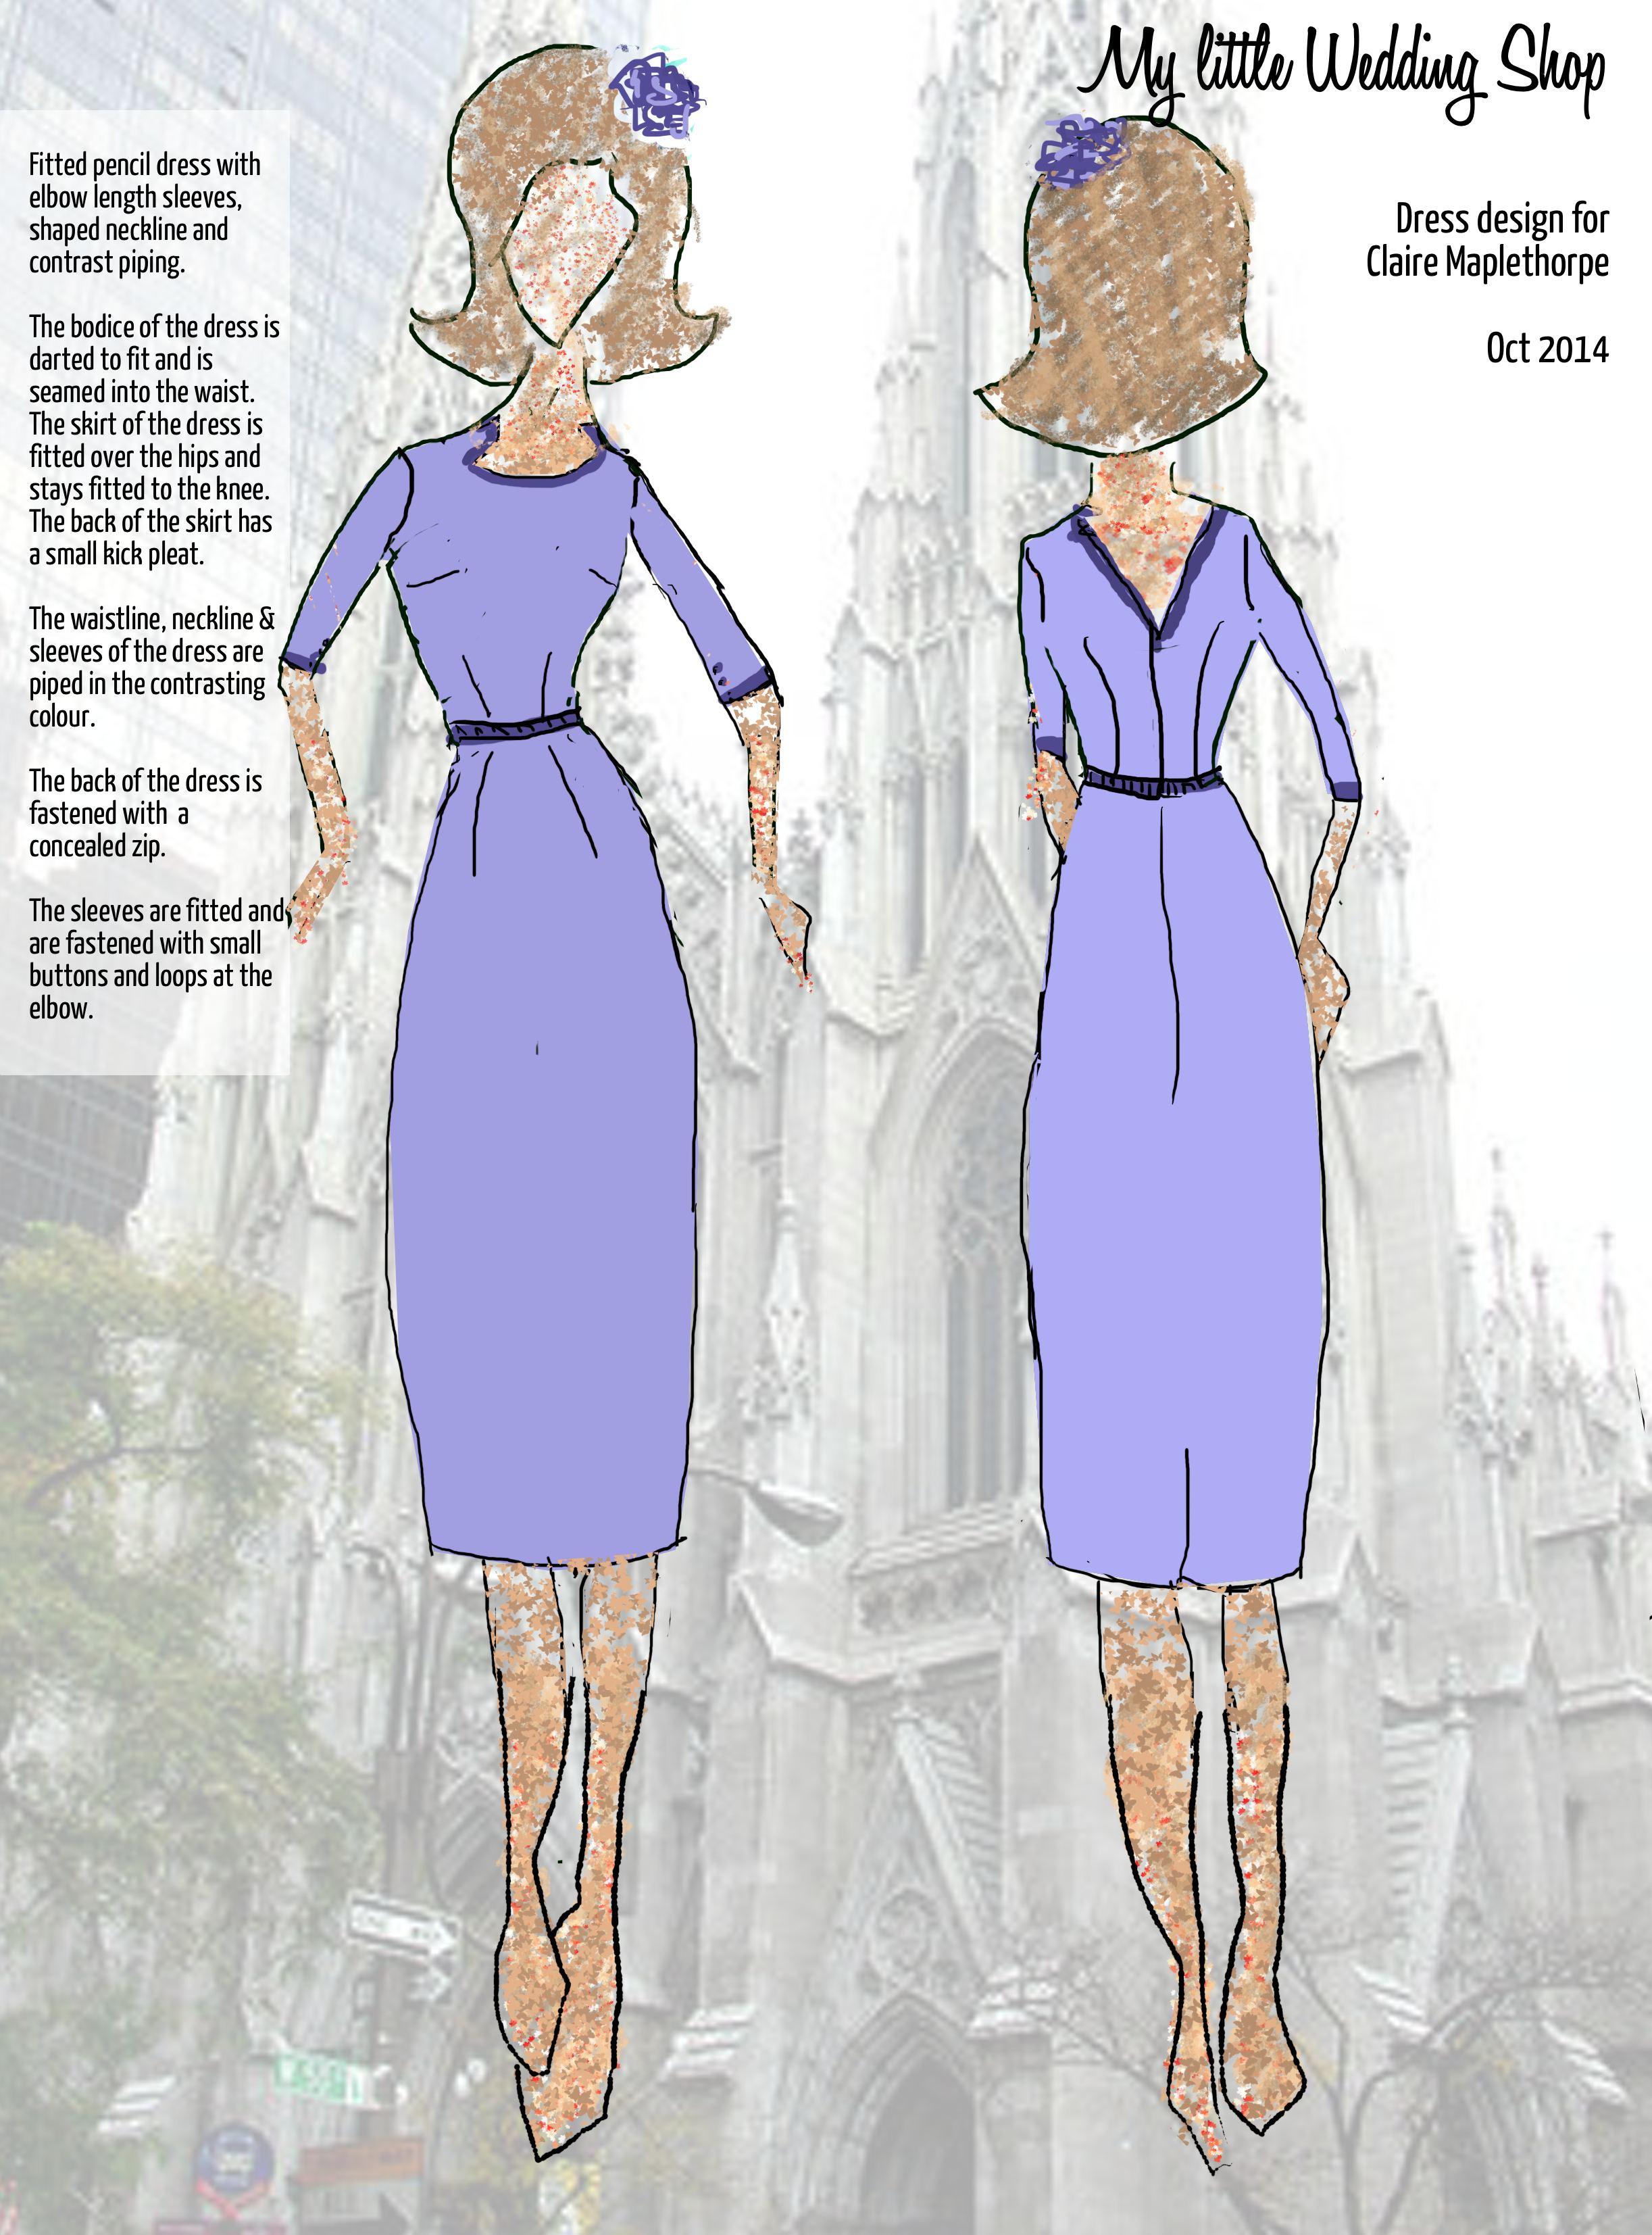 dress design Oct 2014.jpg